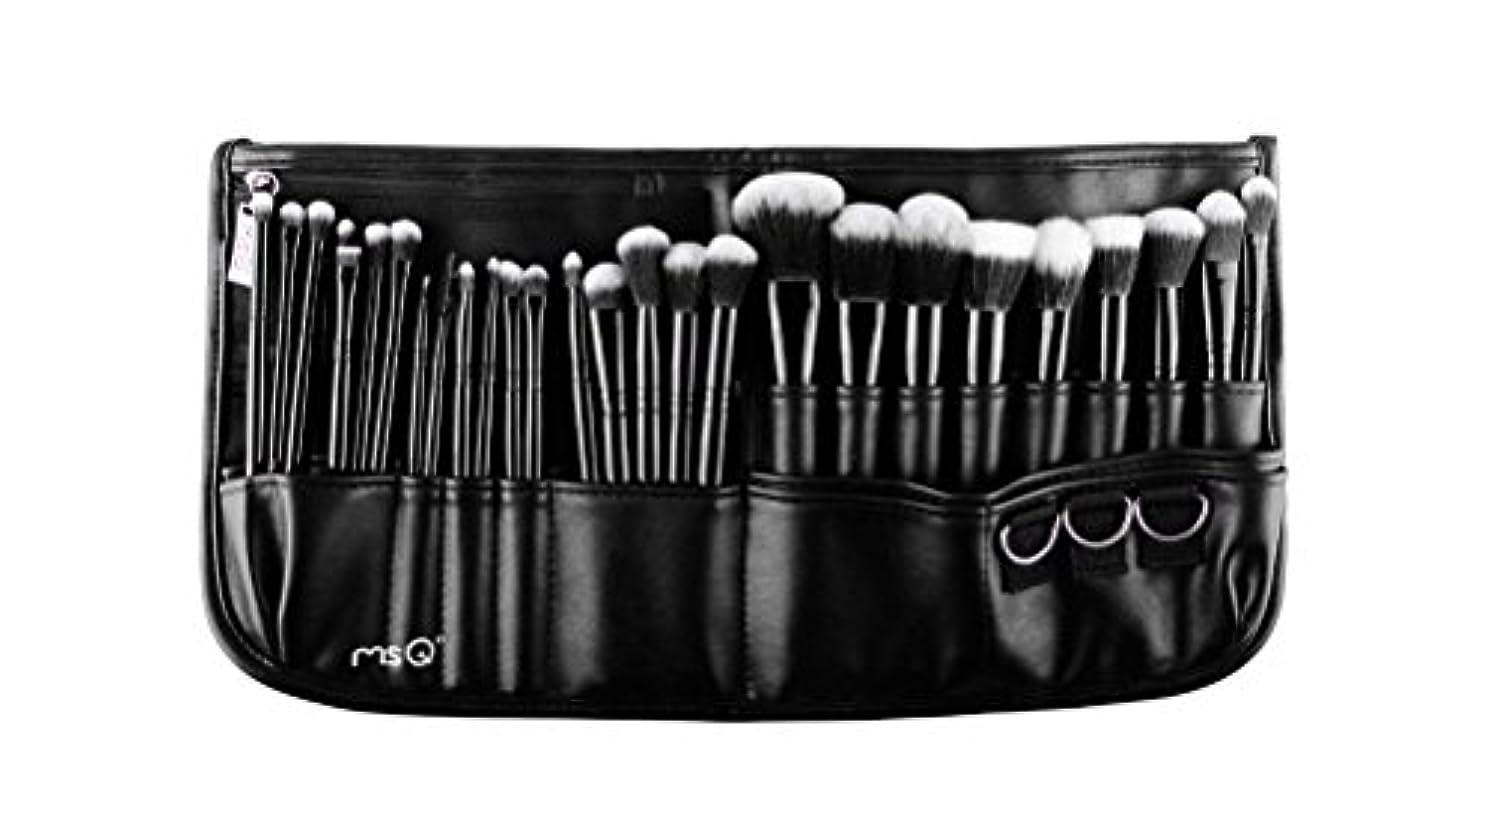 グレートオークスリンク枯渇する(メイクアップエーシーシー)MakeupAcc プロ仕様メイクアップブラシ29本セット 高級メイクブラシ 専門の全セットメイクブラシ ウエストポーチ付き 専門の化粧師 化粧筆 (01) [並行輸入品]